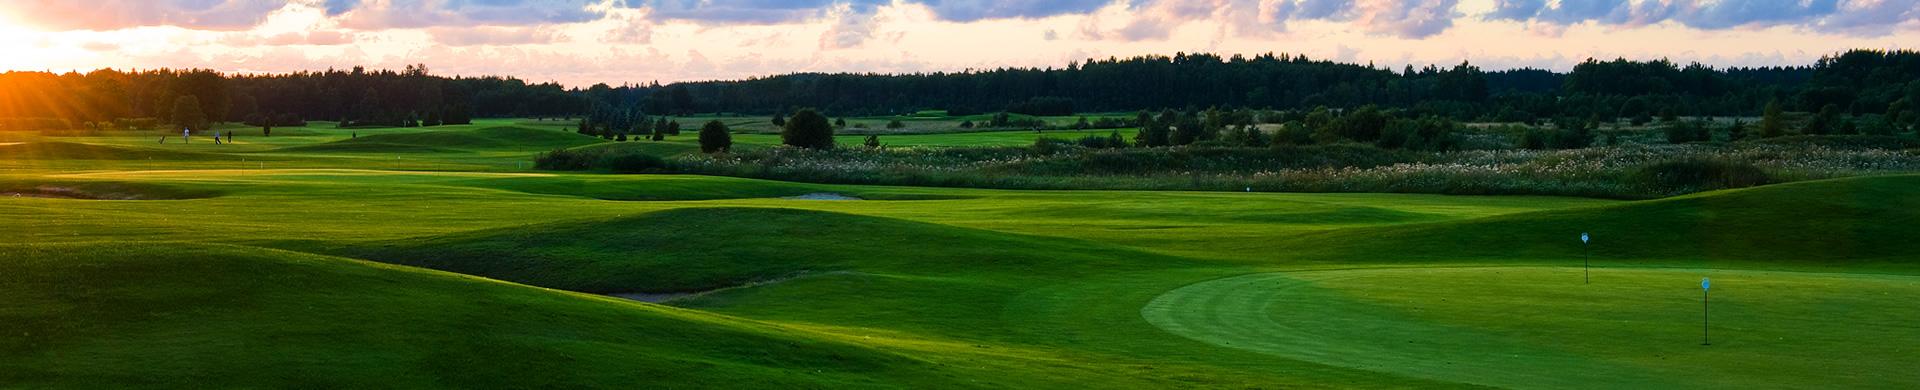 golfikeskus_suur2